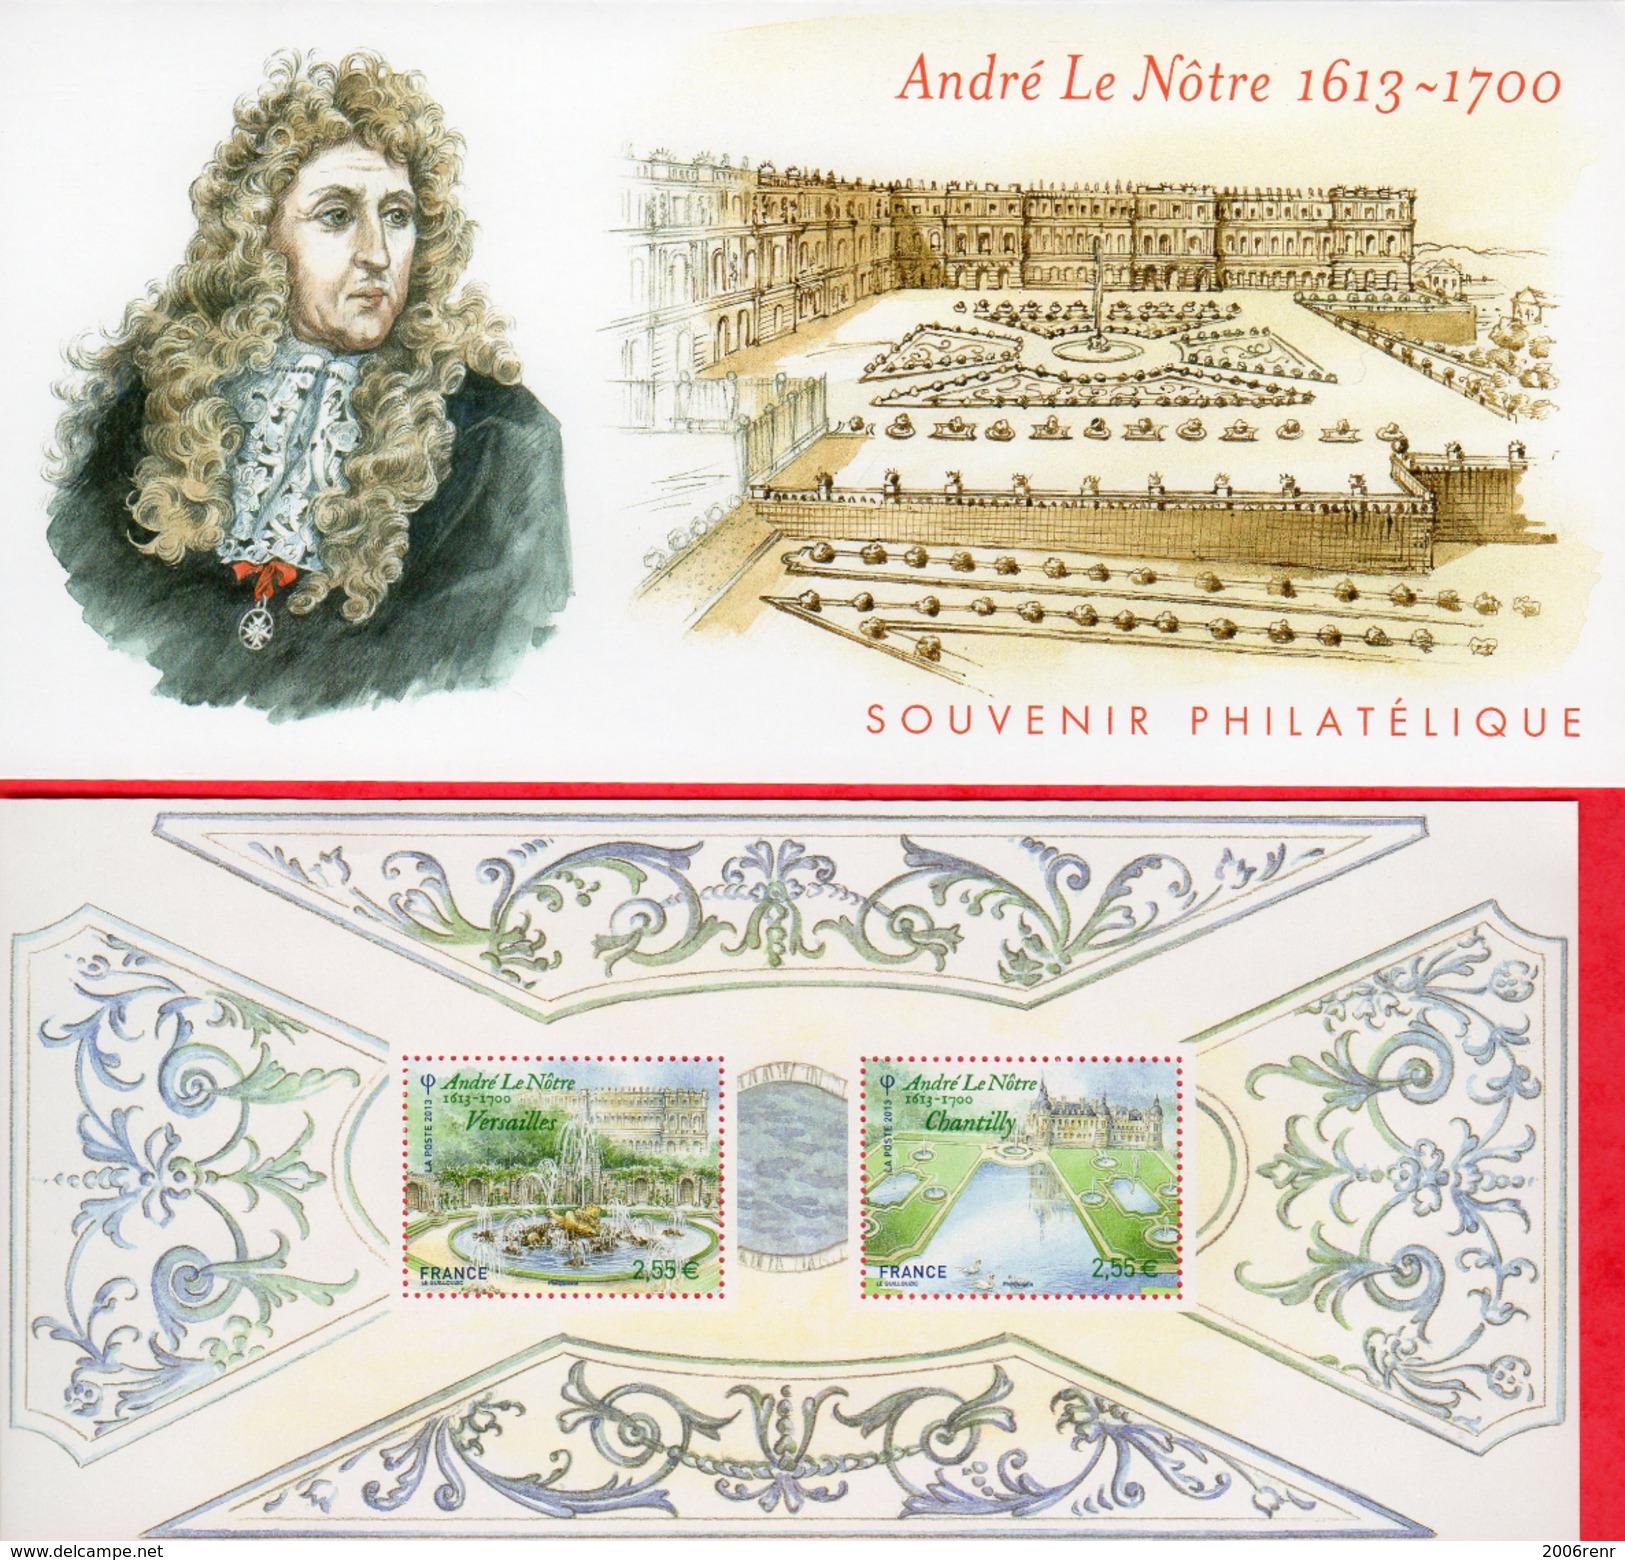 FRANCE  BLOC SOUVENIR N° 80 JARDINS DE FRANCE ANDRE LE NÔTRE NEUF** SOUS BLISTER NON OUVERT. - Neufs